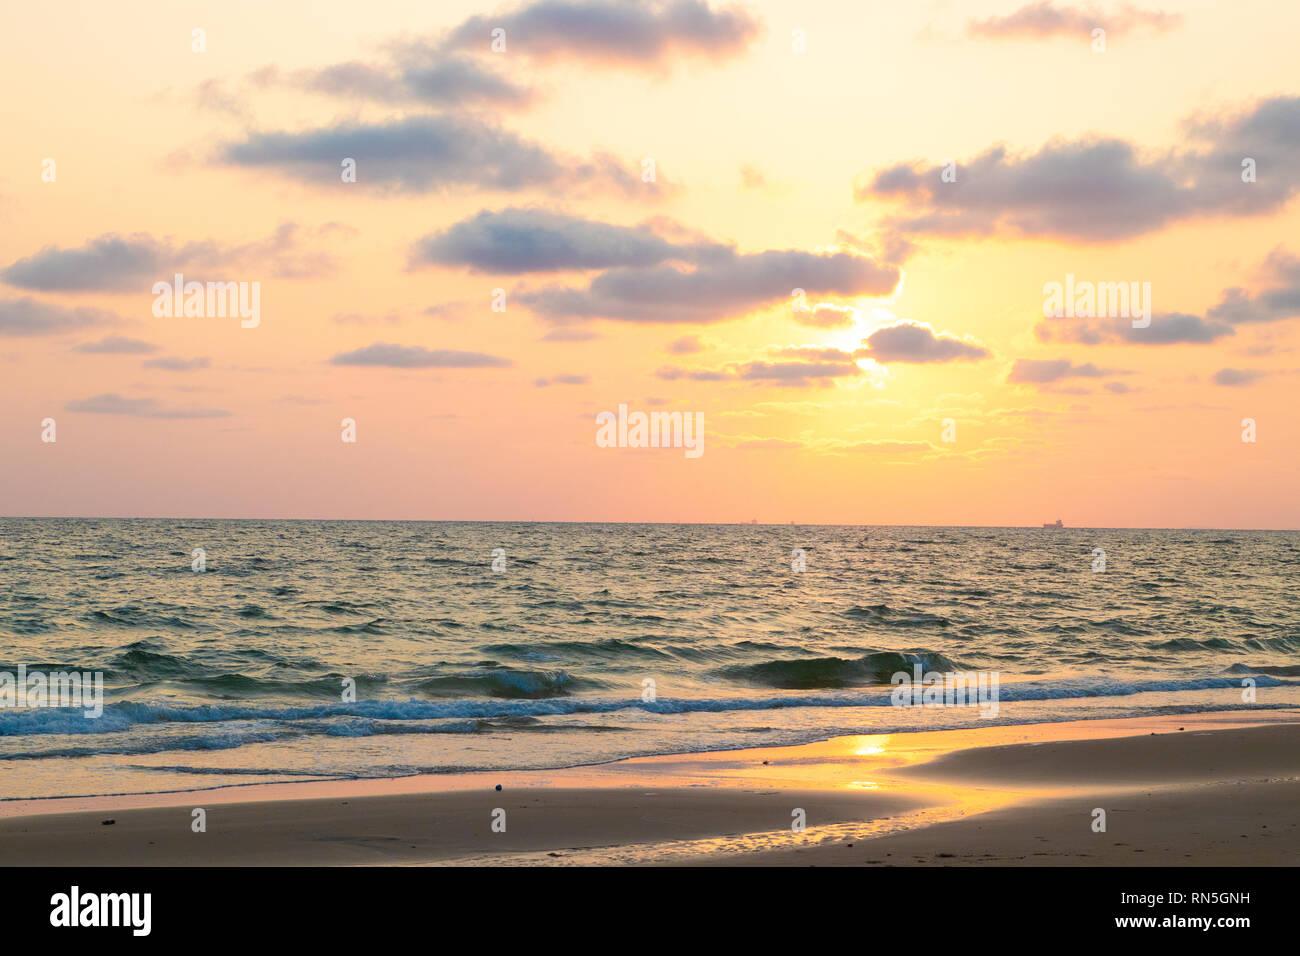 Di Un Bel Colore Rosa Tramonto Sul Mare Sfondo Foto Immagine